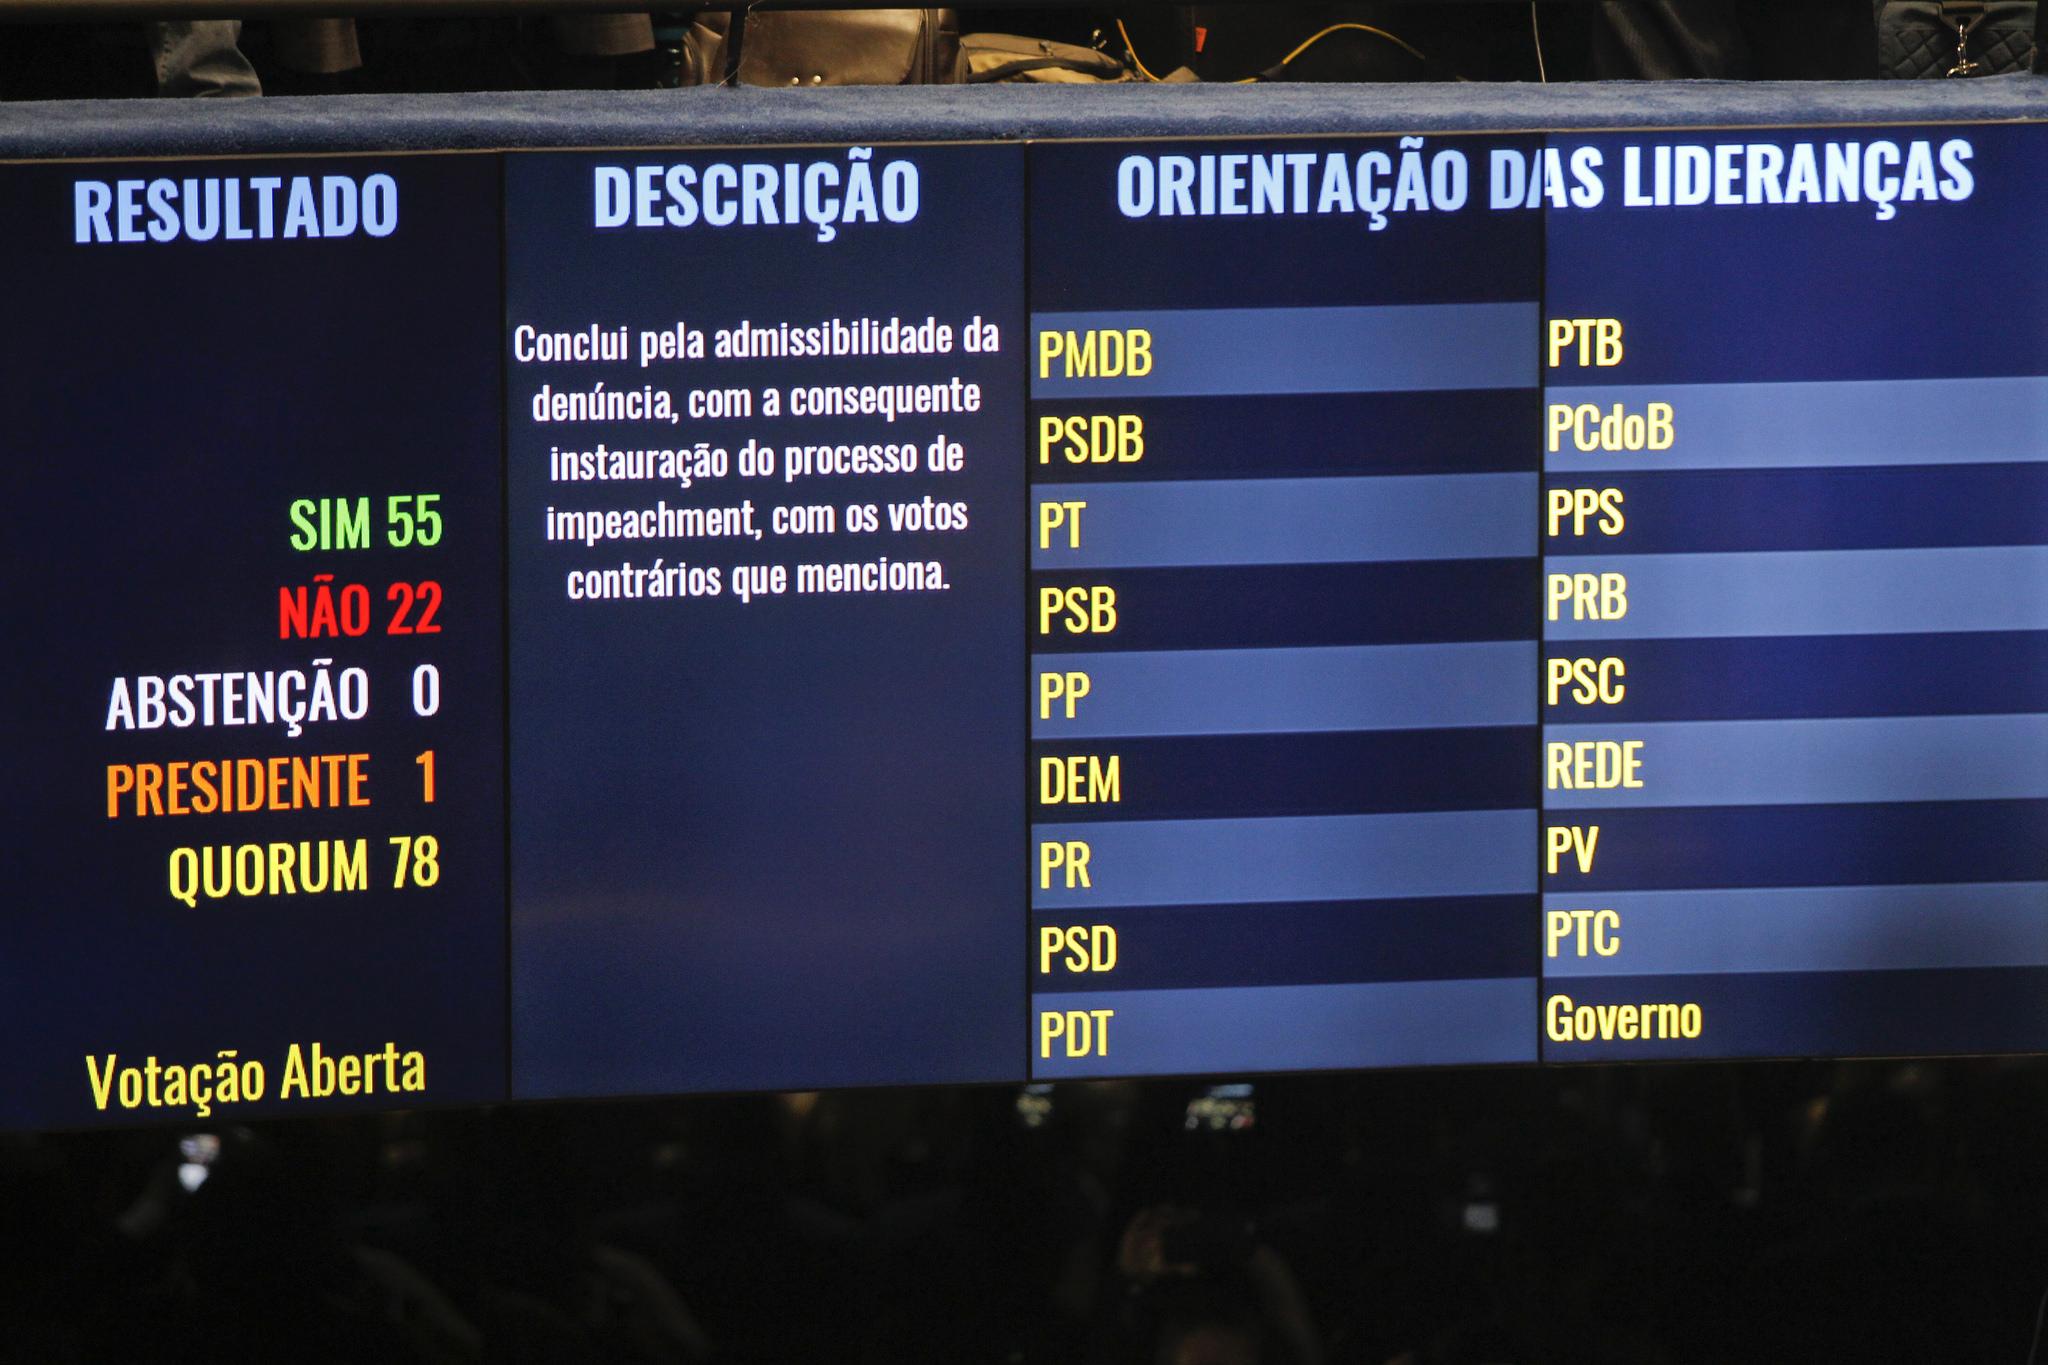 Aprovada a admissibilidade de processo de impeachment contra Dilma Rousseff por 55 votos a 22. Foto: Beto Barata/Agência Senado